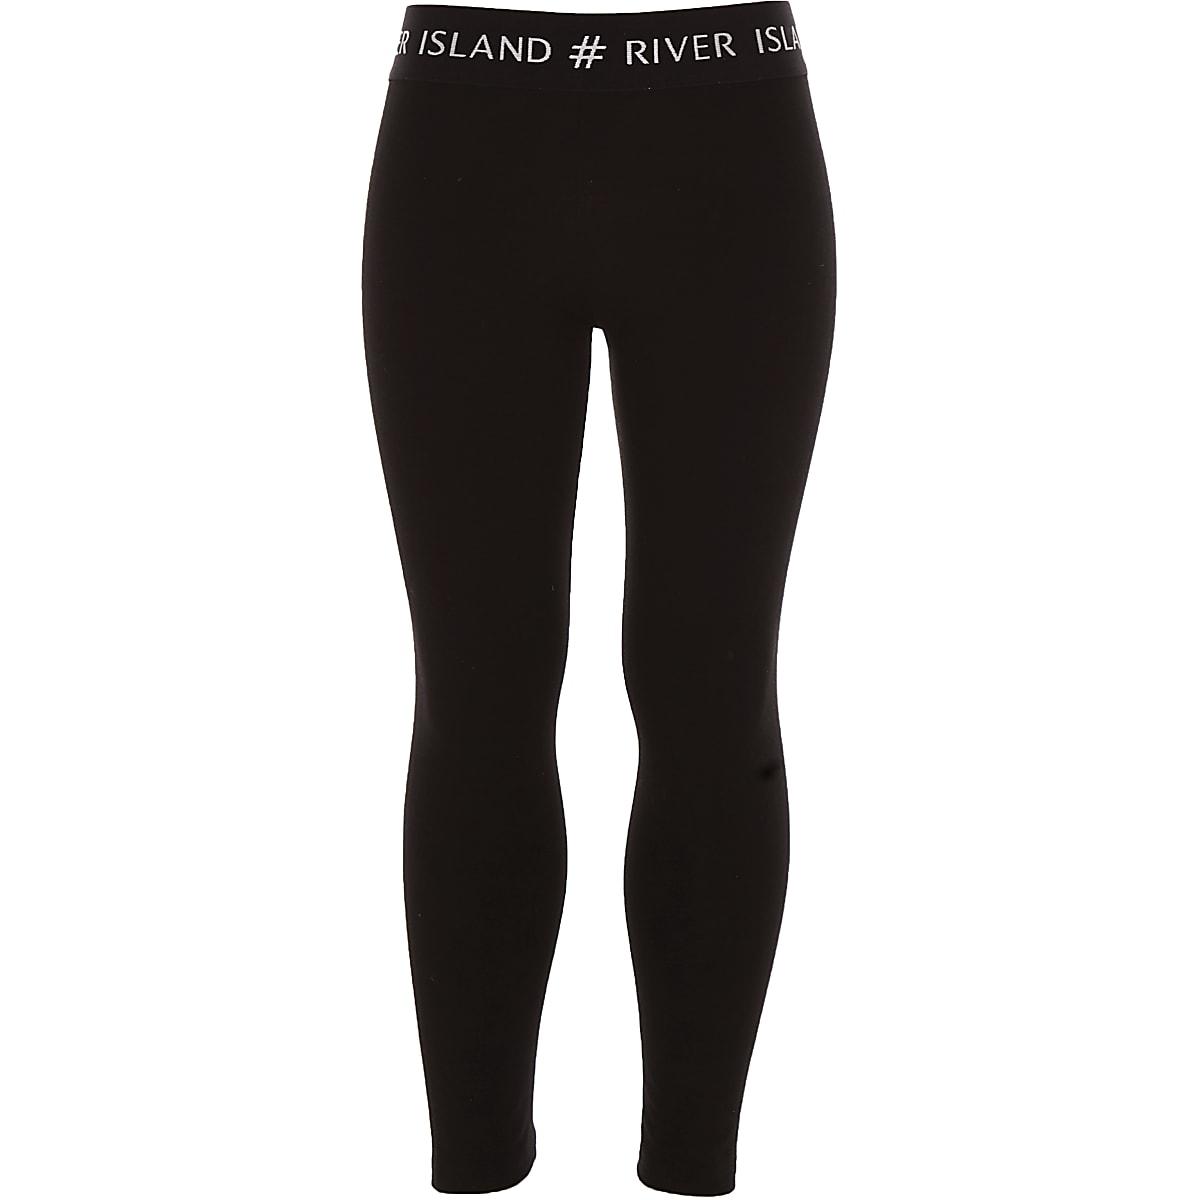 Girls black #RI waistband leggings